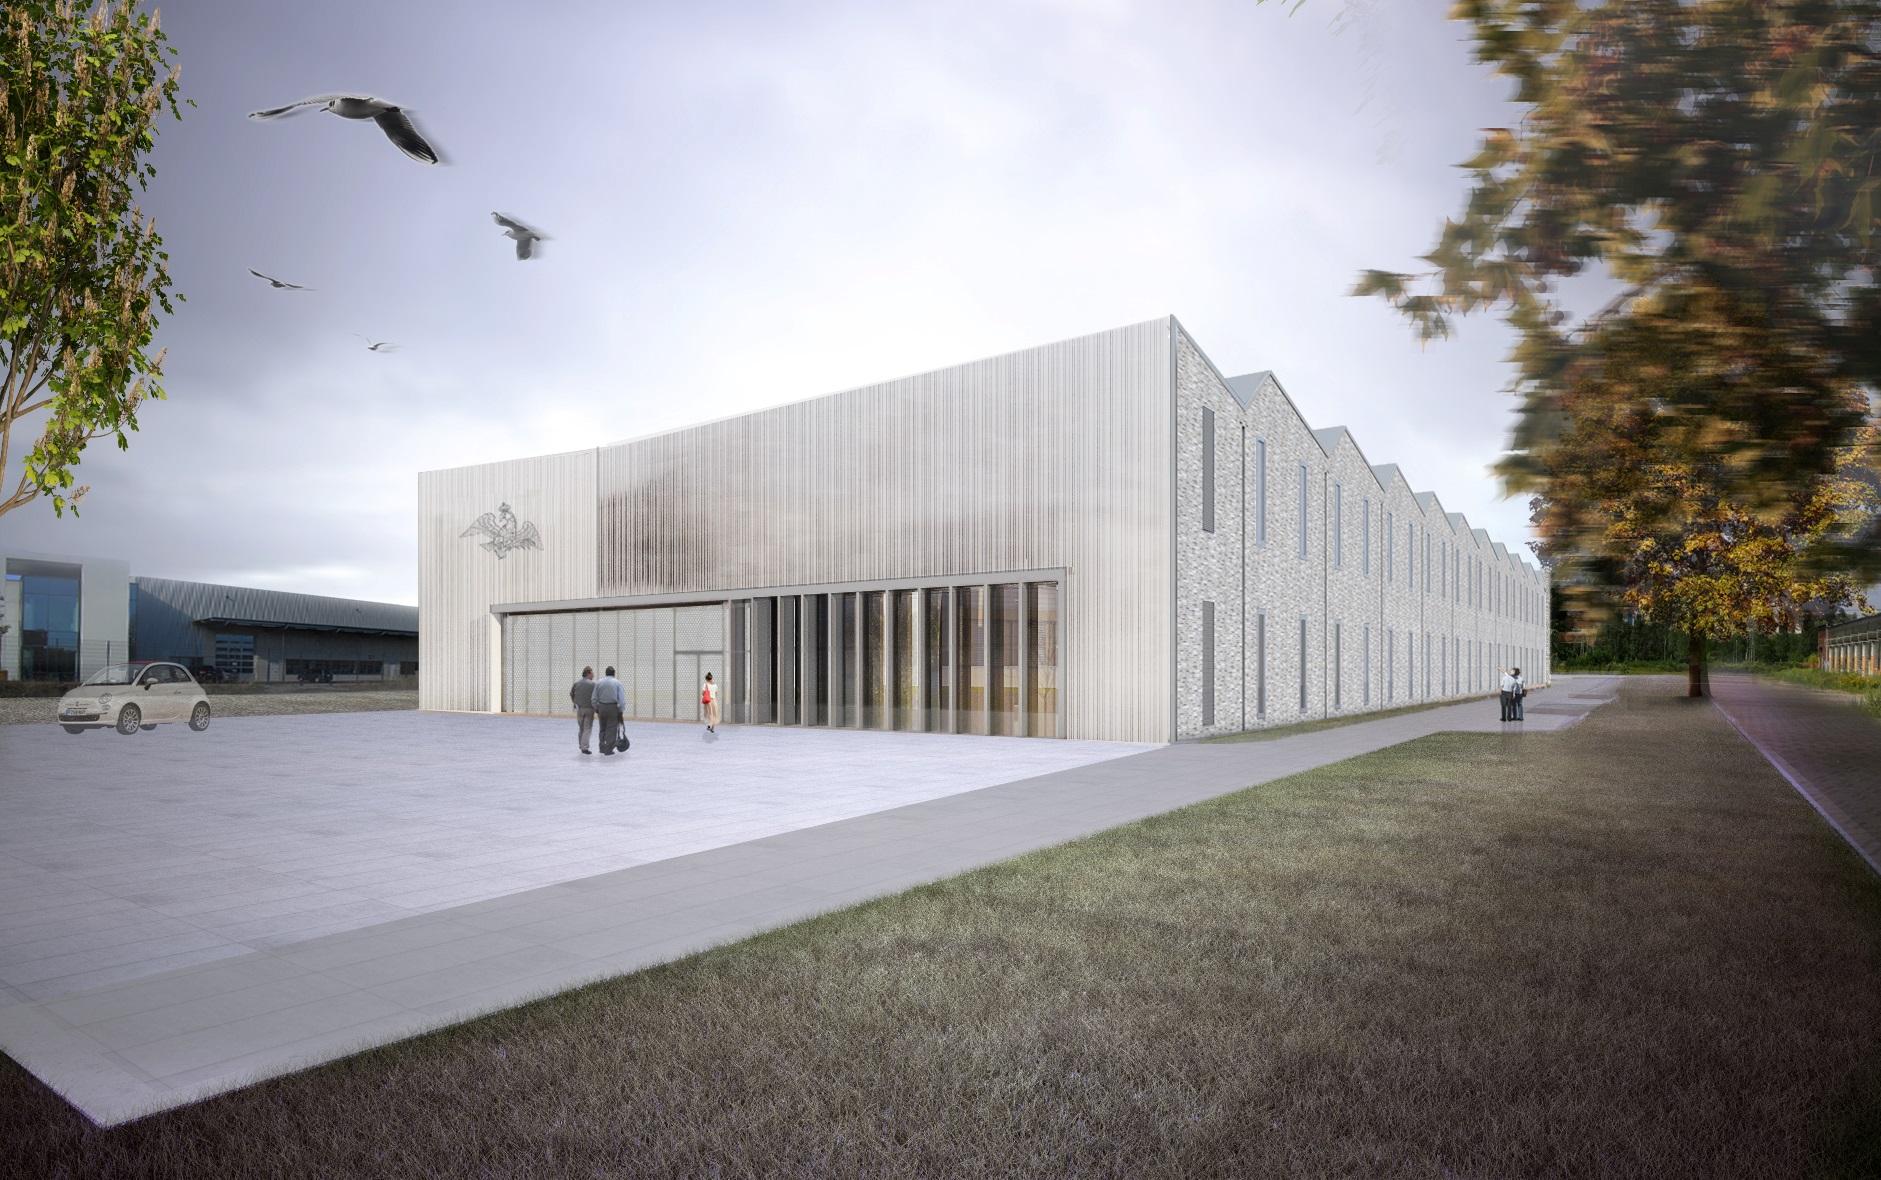 Stiftung Preussische Schlosser Und Garten Berlin Brandenburg Spsg